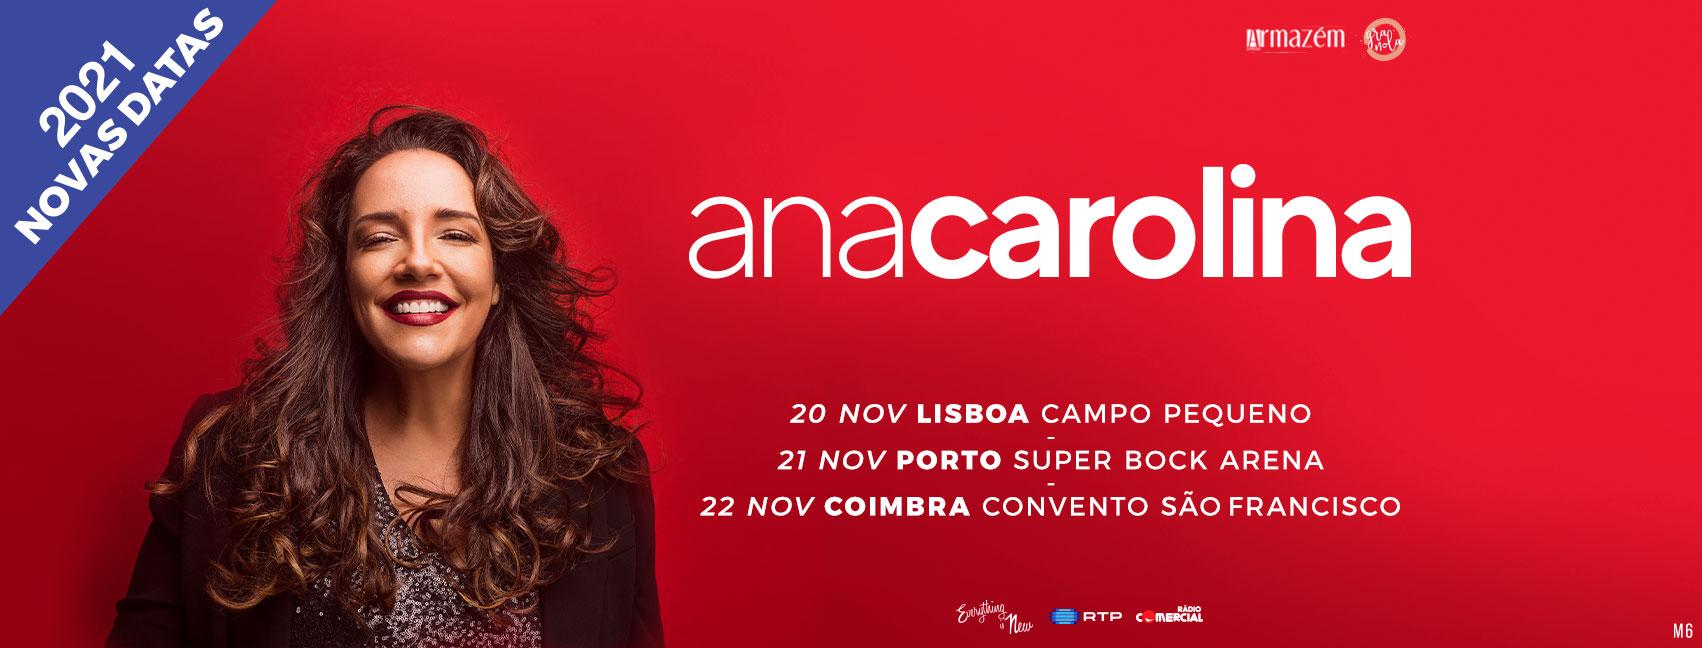 Nova Data: Ana Carolina // Convento São Francisco